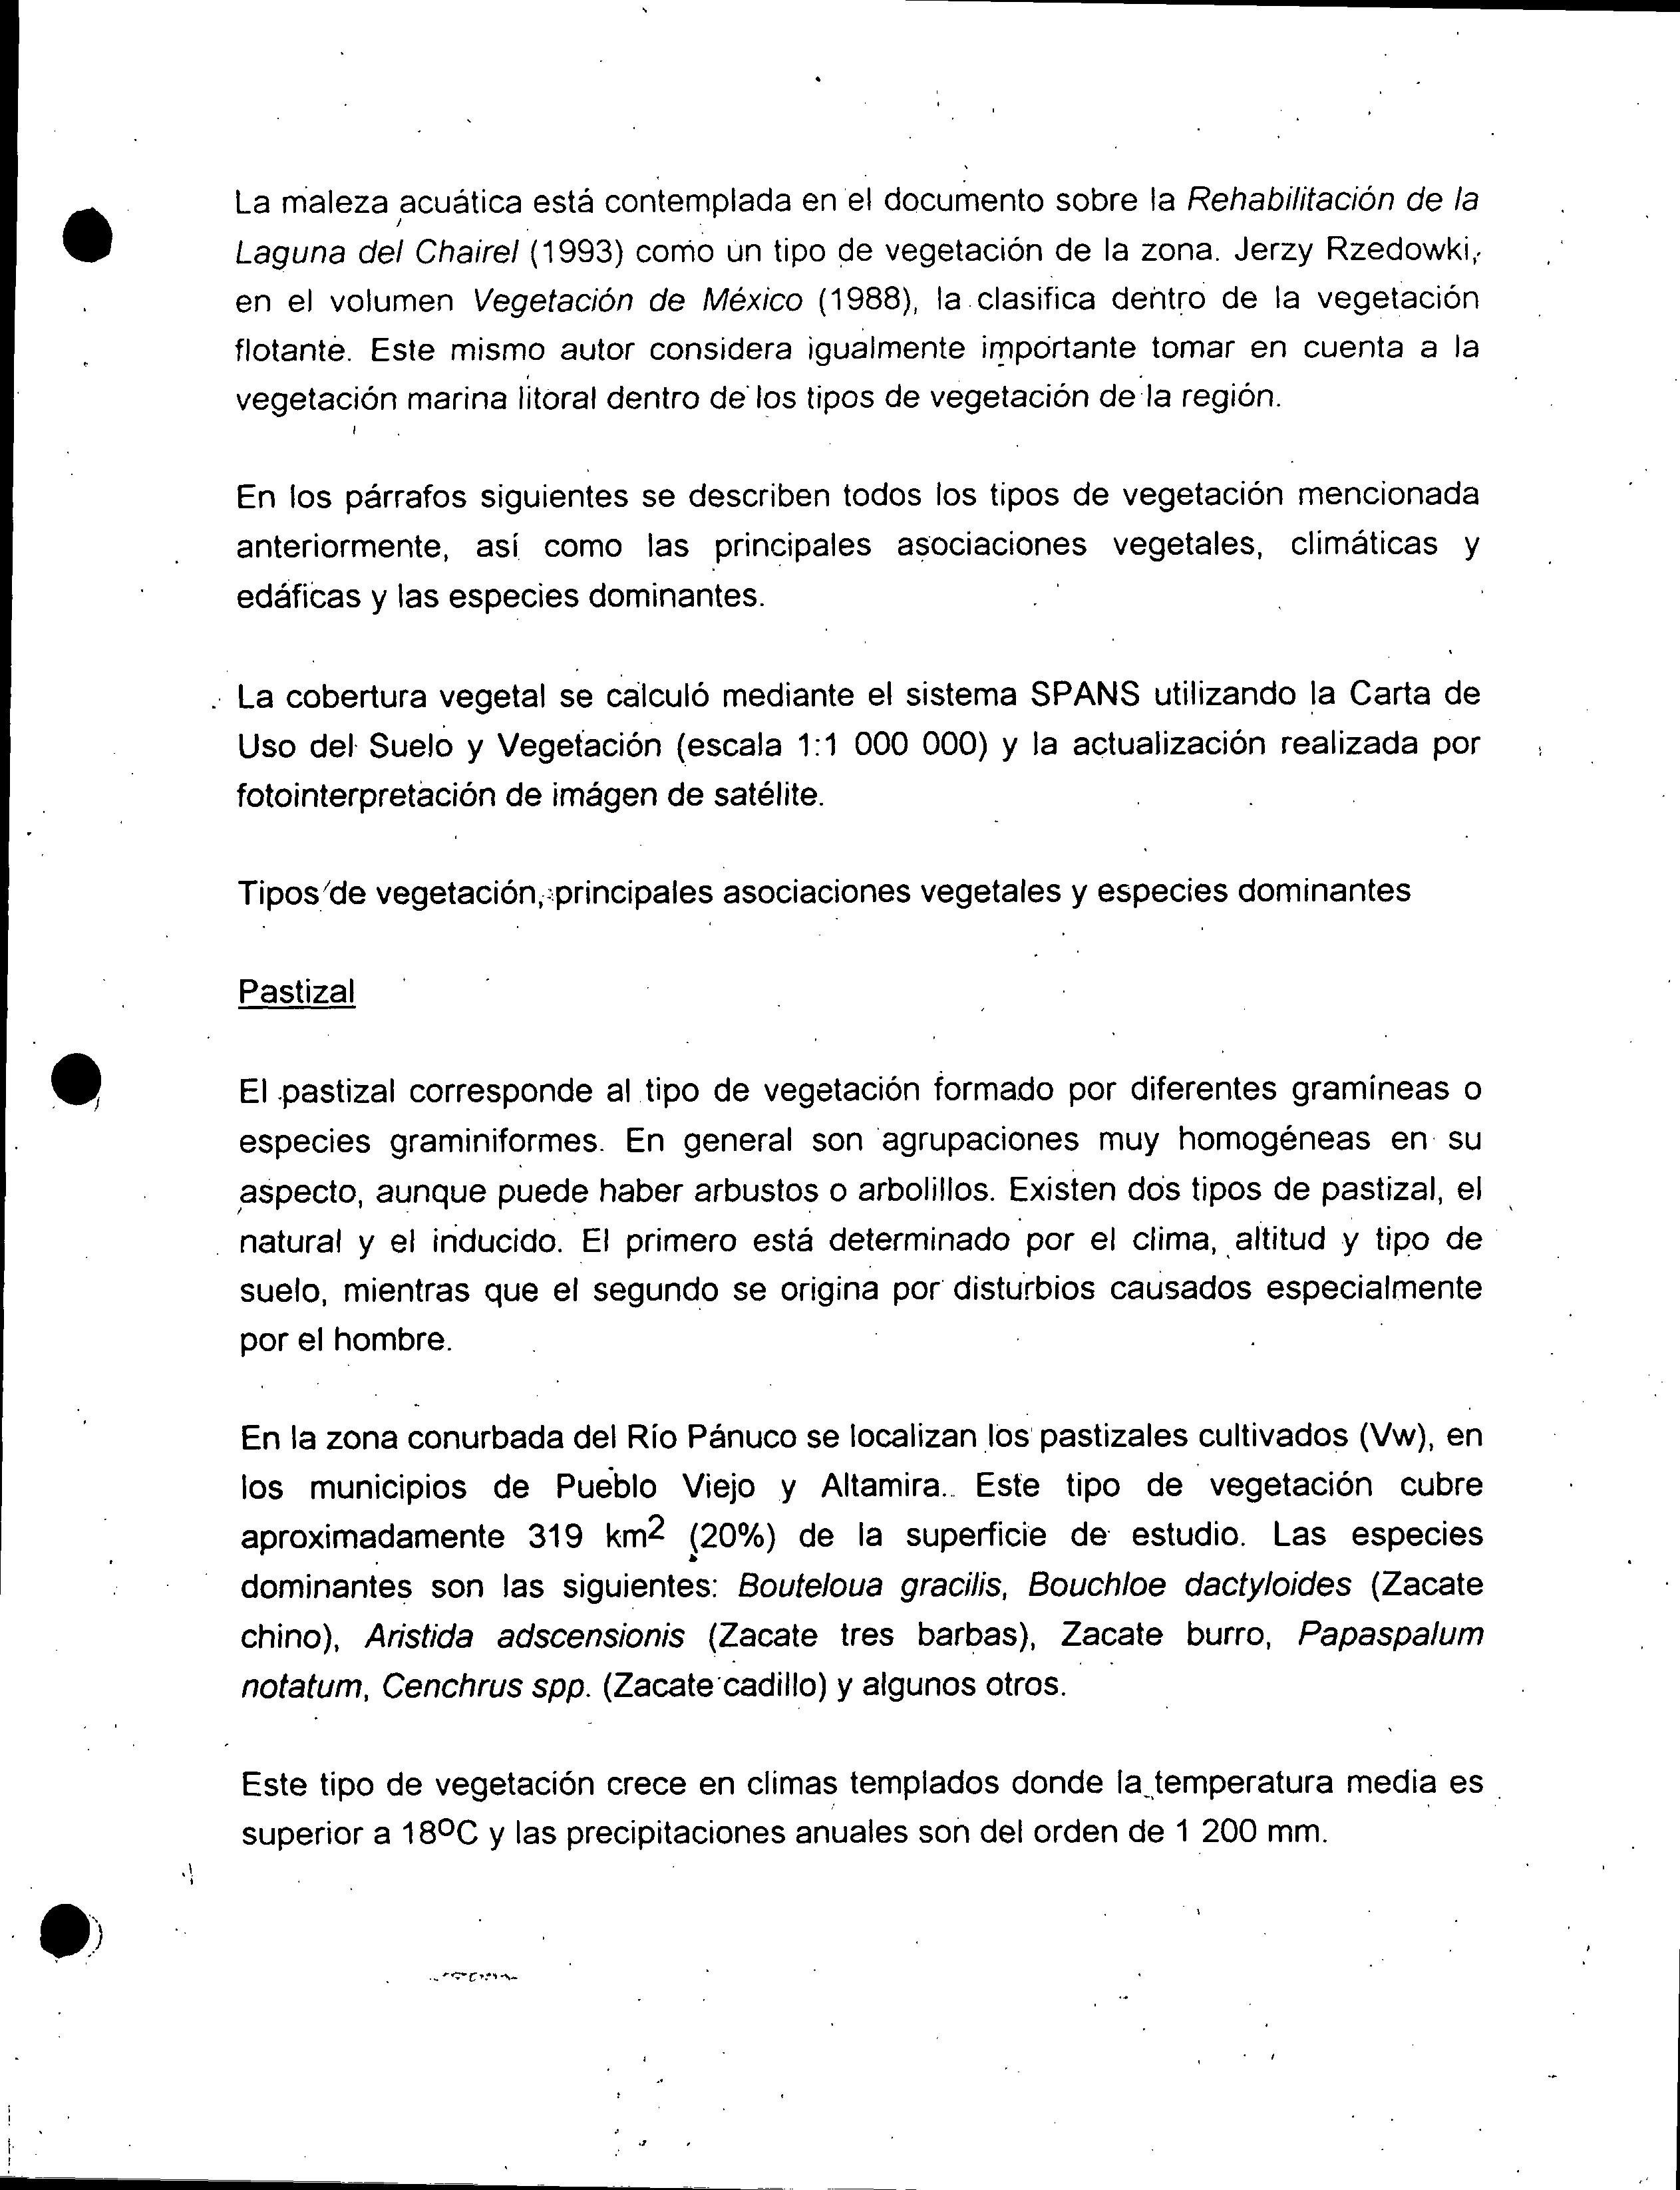 La maleza acuática está contemplada en el documento sobre la Rehabilitaci³n de la Laguna del Chairel